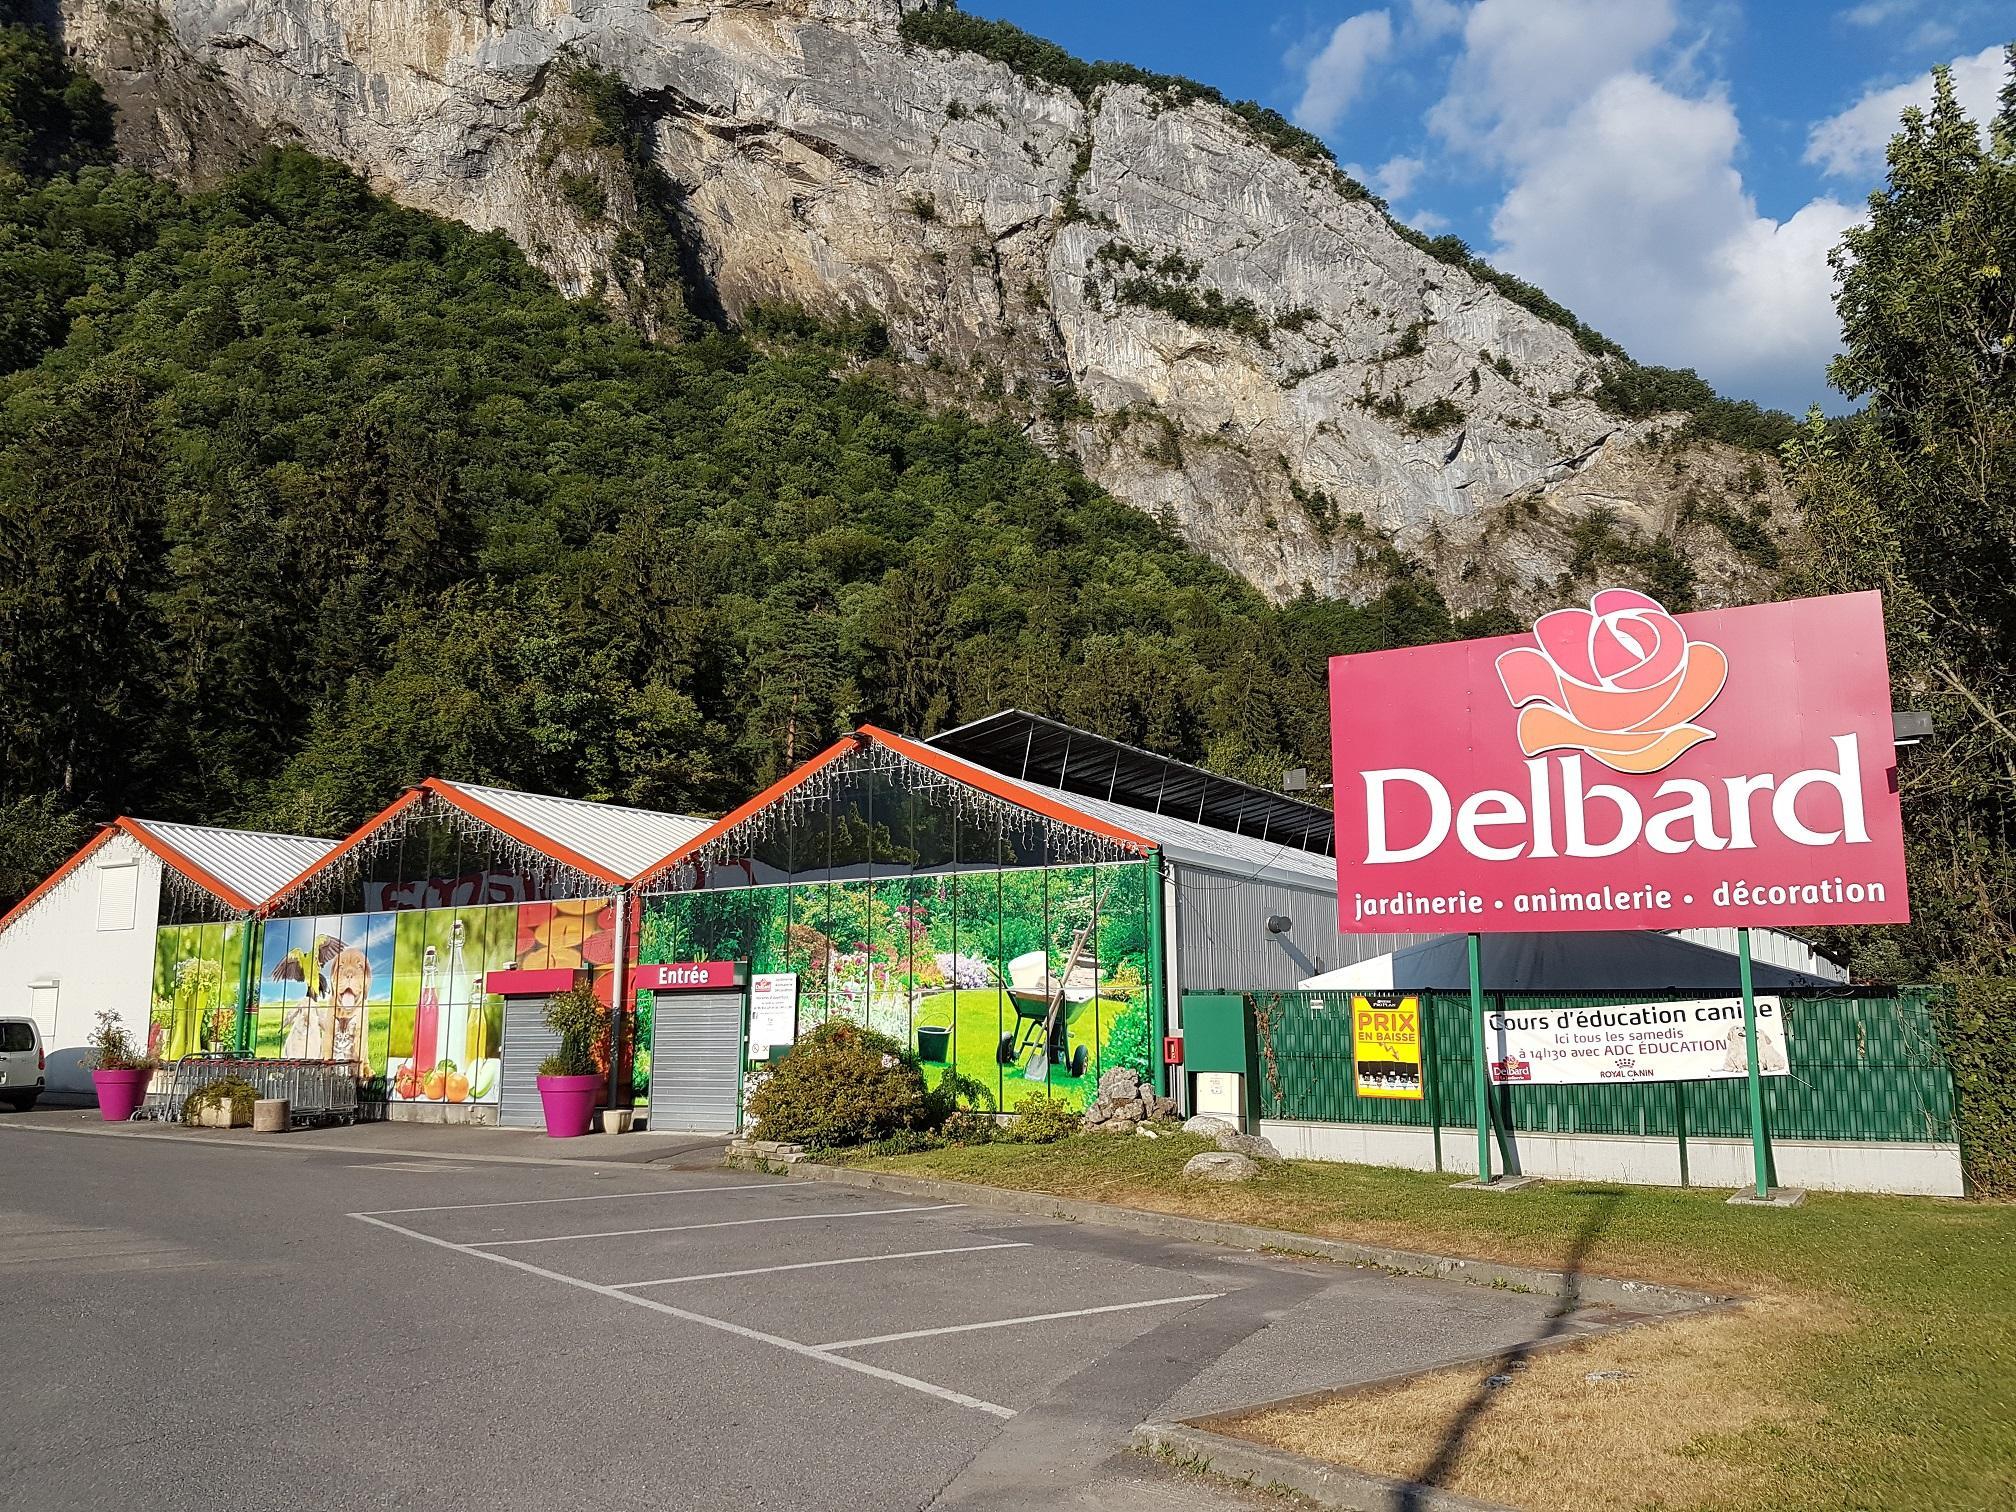 Jardinerie Delbard : une équipe investie et des produits de qualité